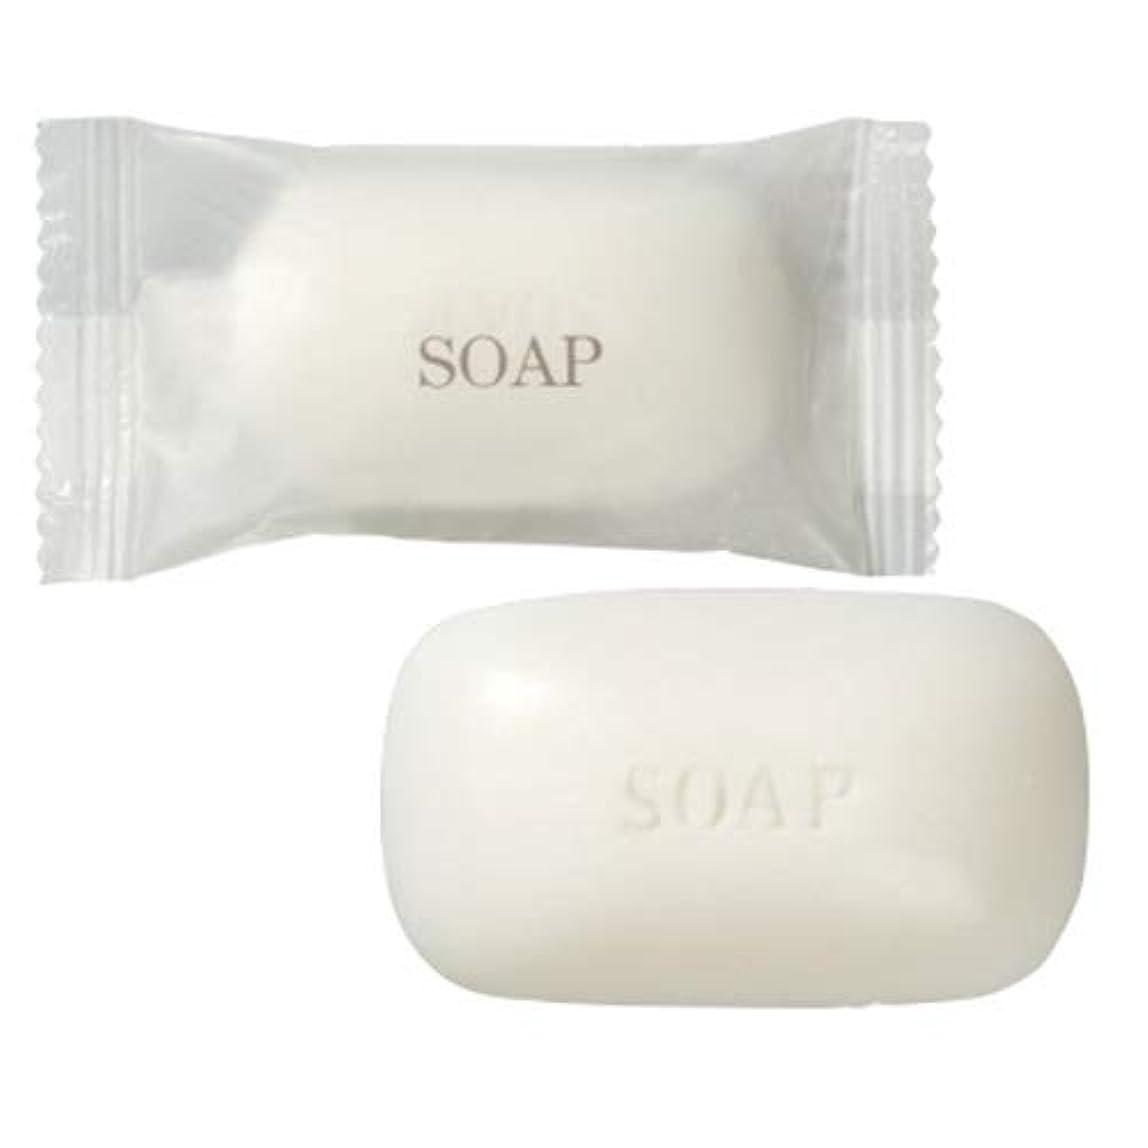 リングレットドール未接続業務用 フィードソープ(FEED SOAP) マット袋(M袋) 15g ×3個 | ホテルアメニティ 個包装